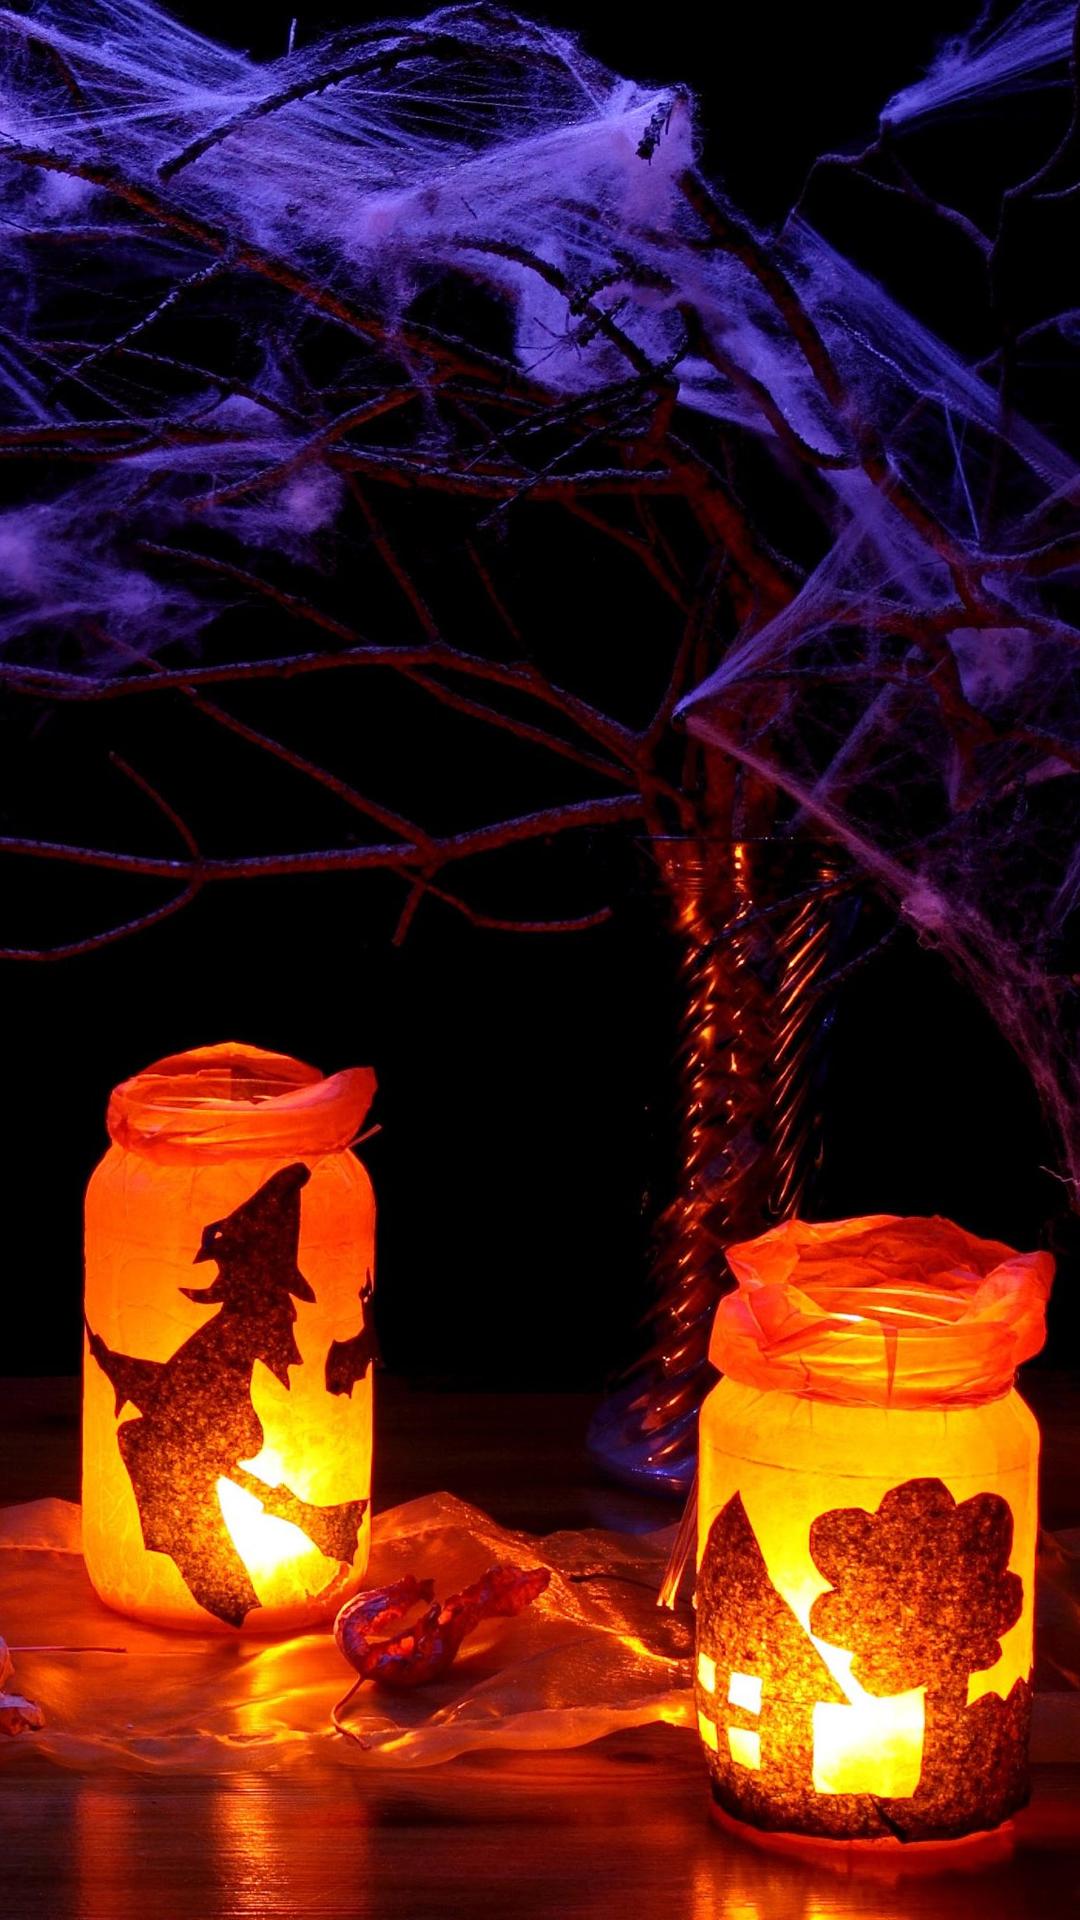 Fall Pumpkin Hd Wallpaper Halloween Iphone Backgrounds Pixelstalk Net